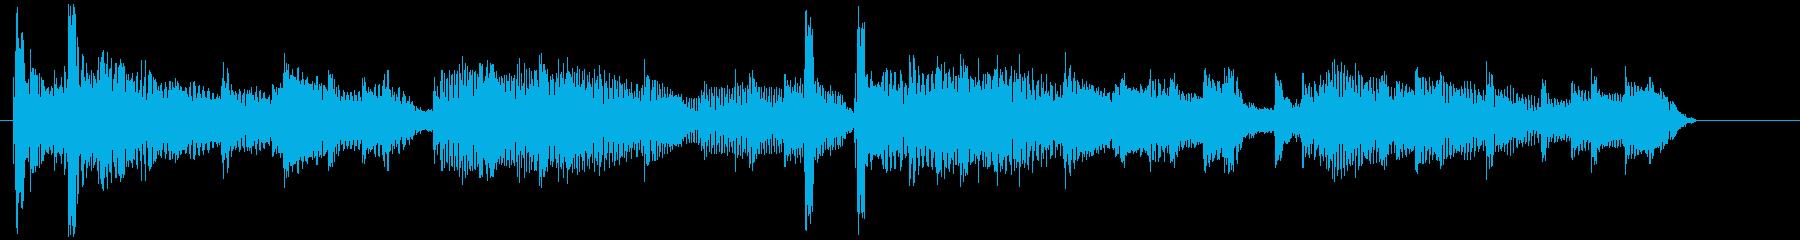 ほんわかしたギターの10秒ジングルの再生済みの波形